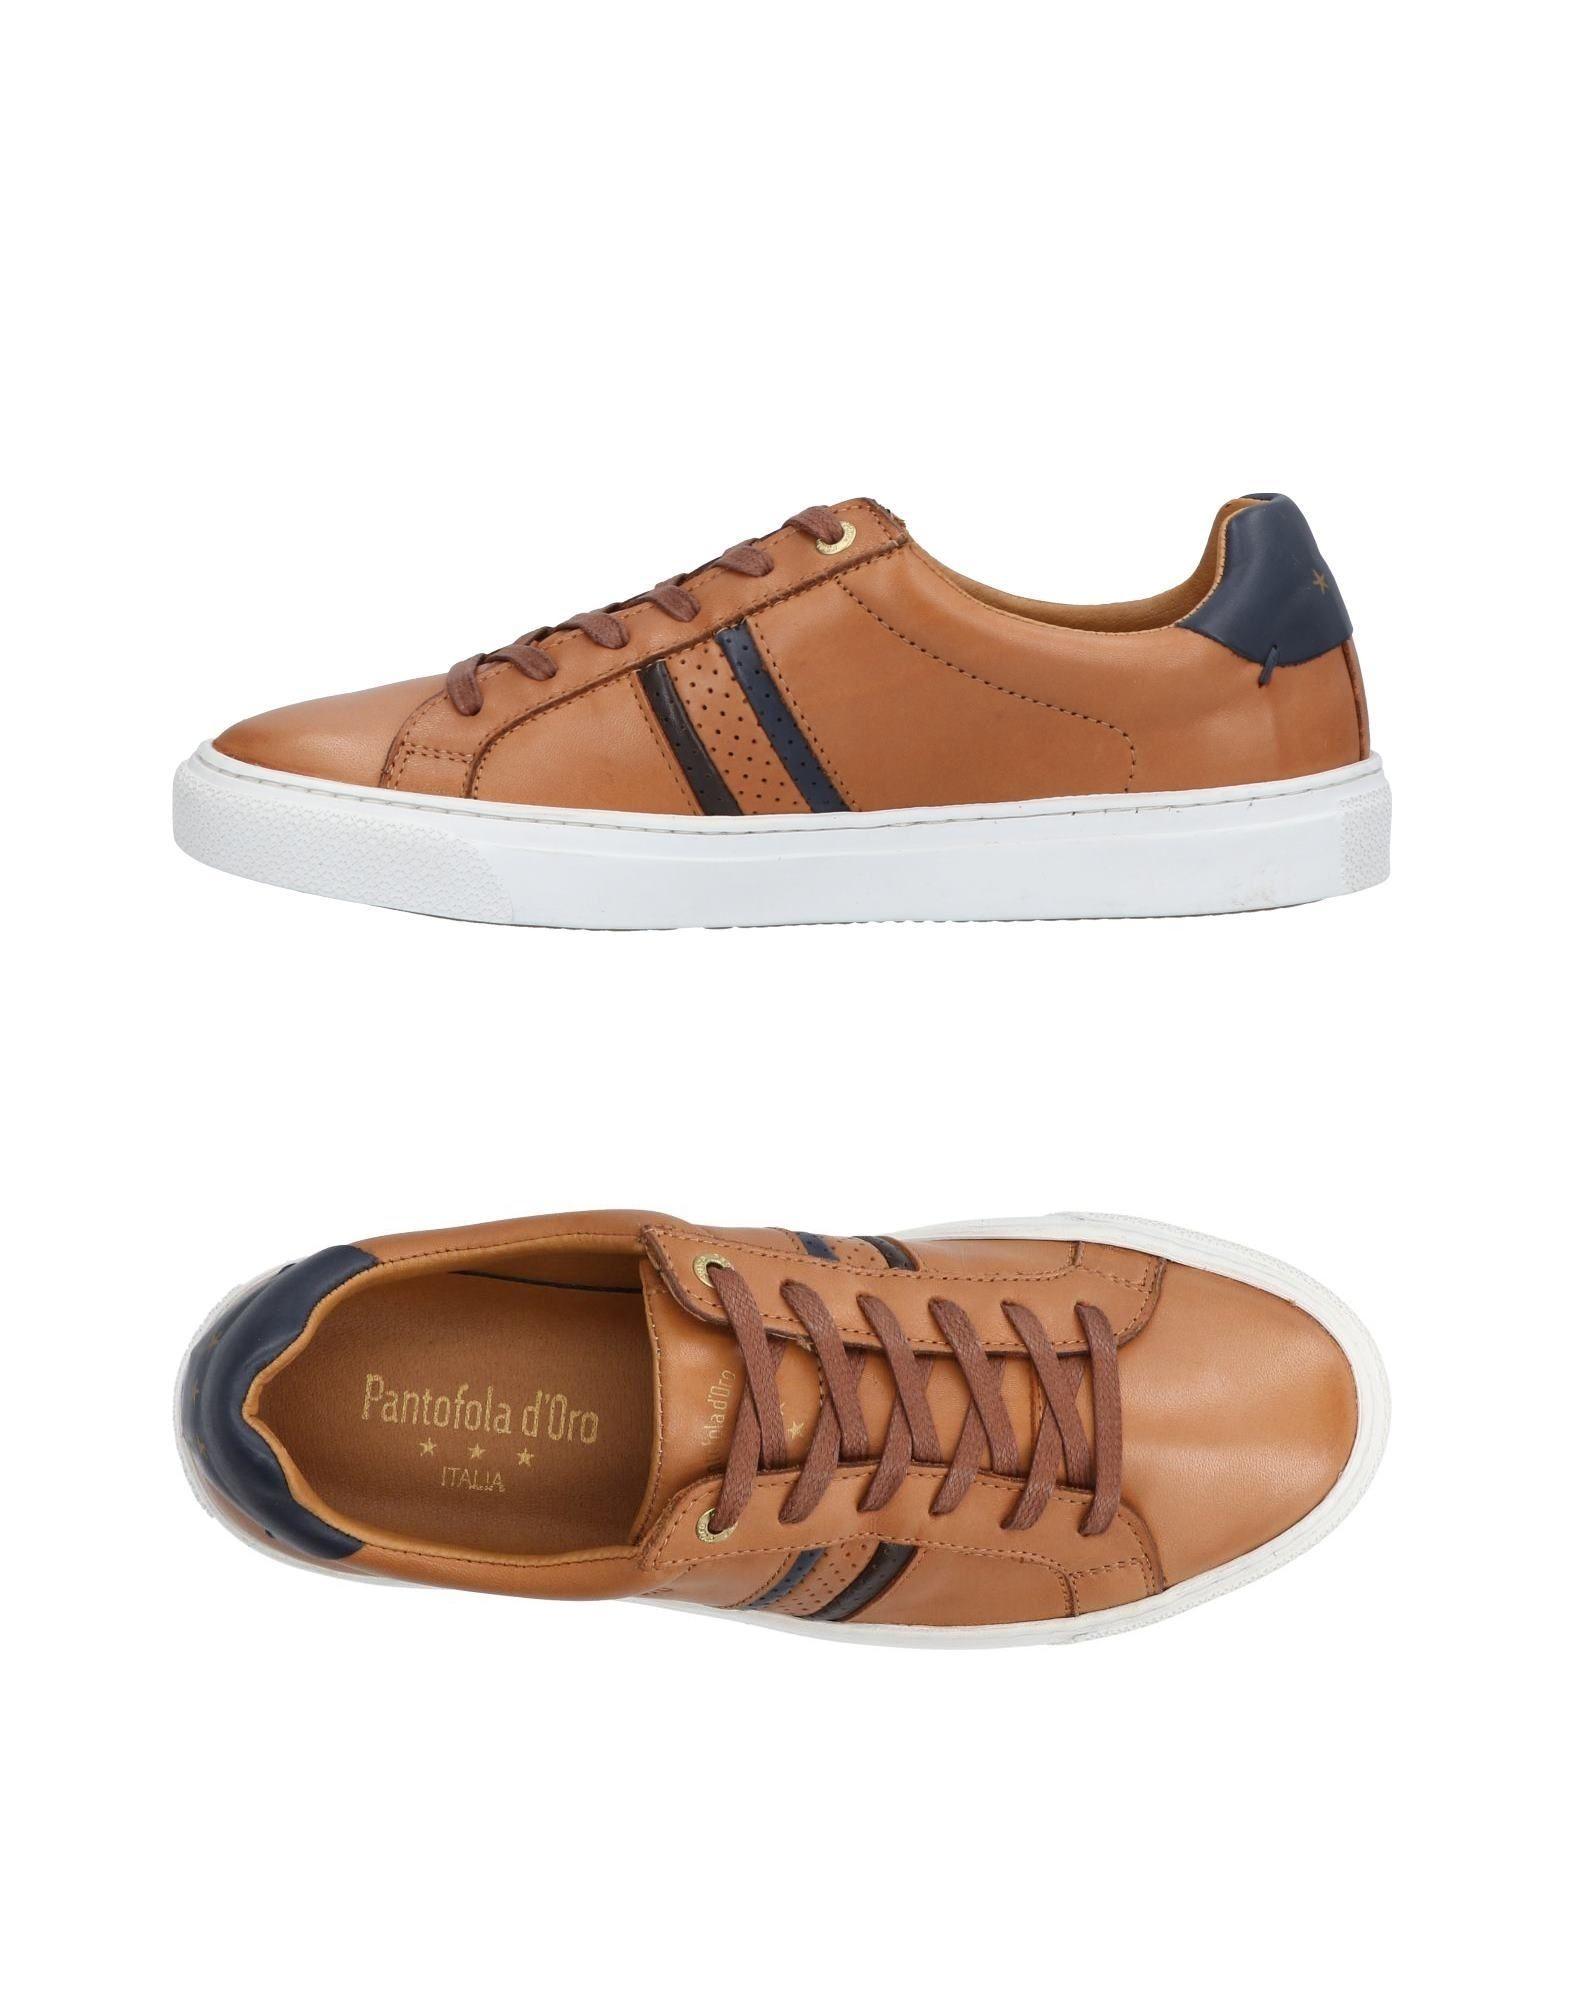 Rabatt echte Schuhe Pantofola D'oro 11456299CA Sneakers Herren  11456299CA D'oro 4bdea4